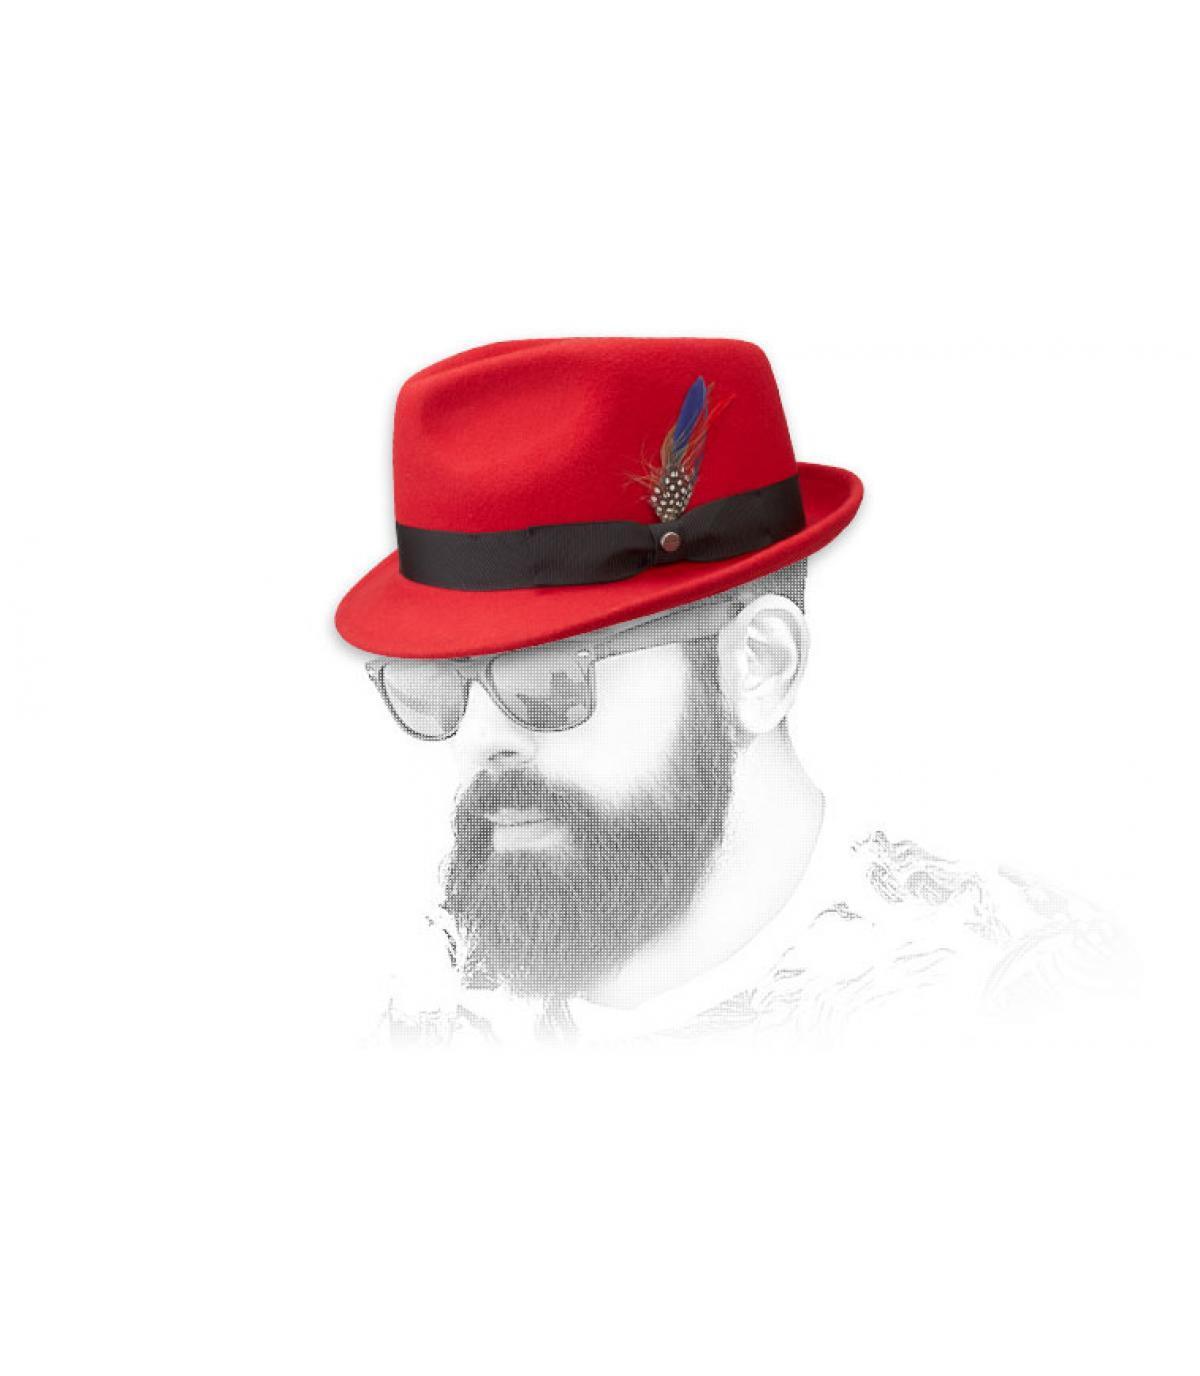 841a64da74c4b Sombrero rojo - Compra venta de Sombreros rojos. Primera sombrerería ...